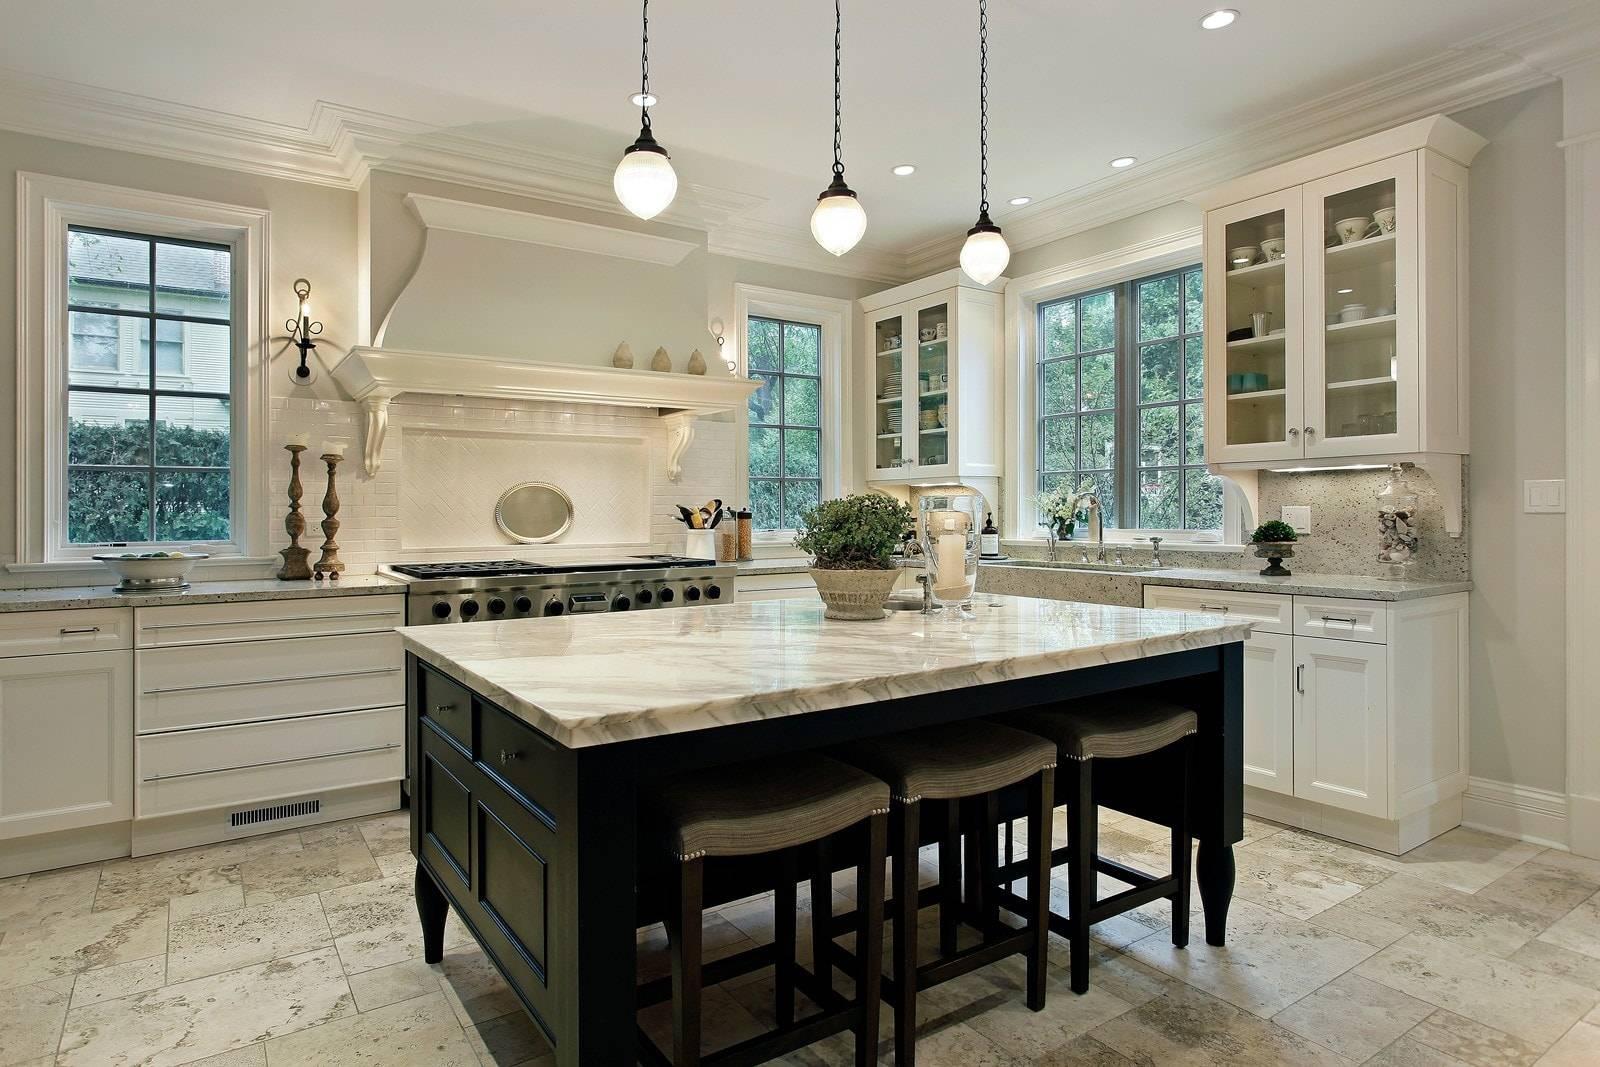 Marble 101 1 Marble Island, Primestones® Granite, Quartz, Marble